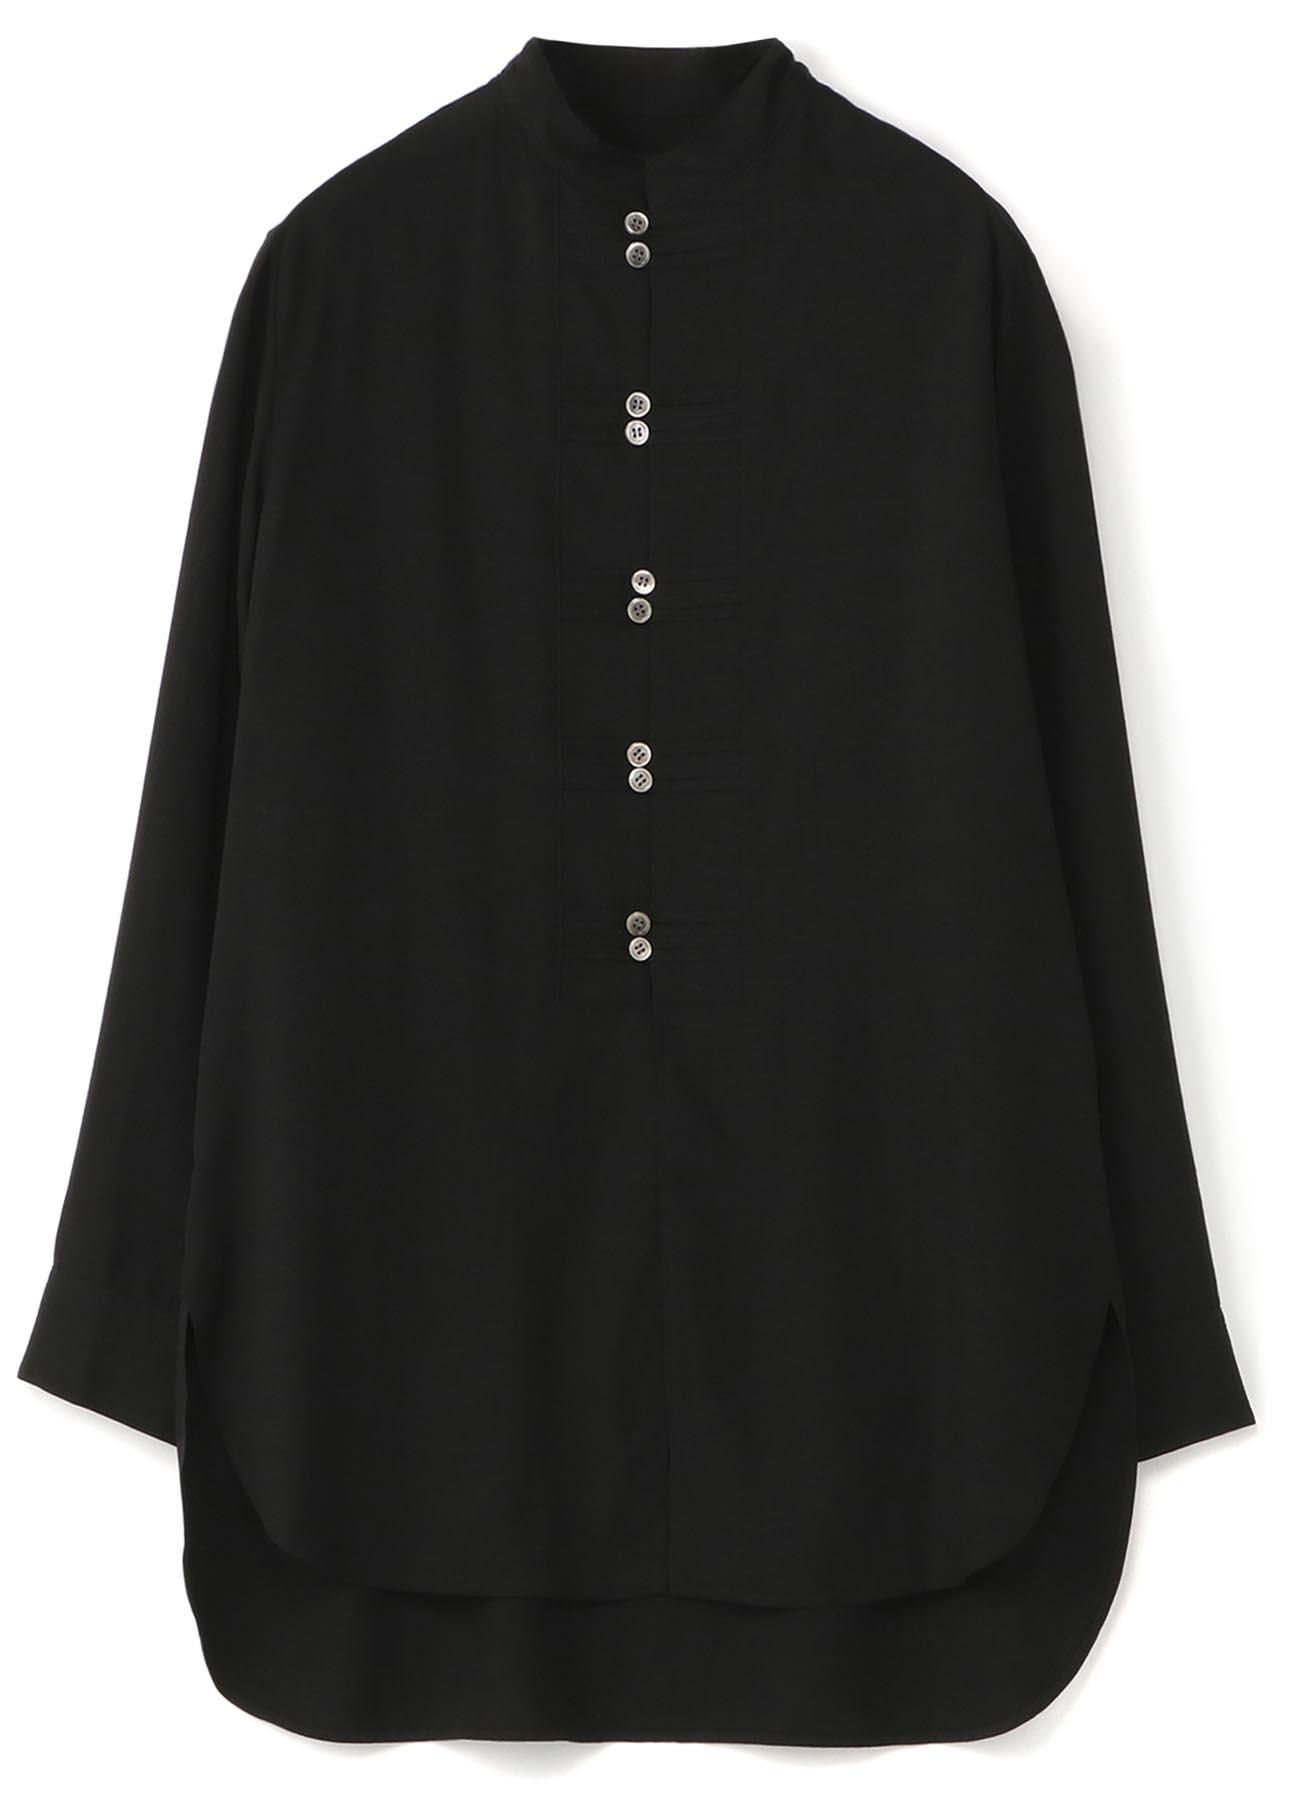 中式盘扣风格长袖衬衫